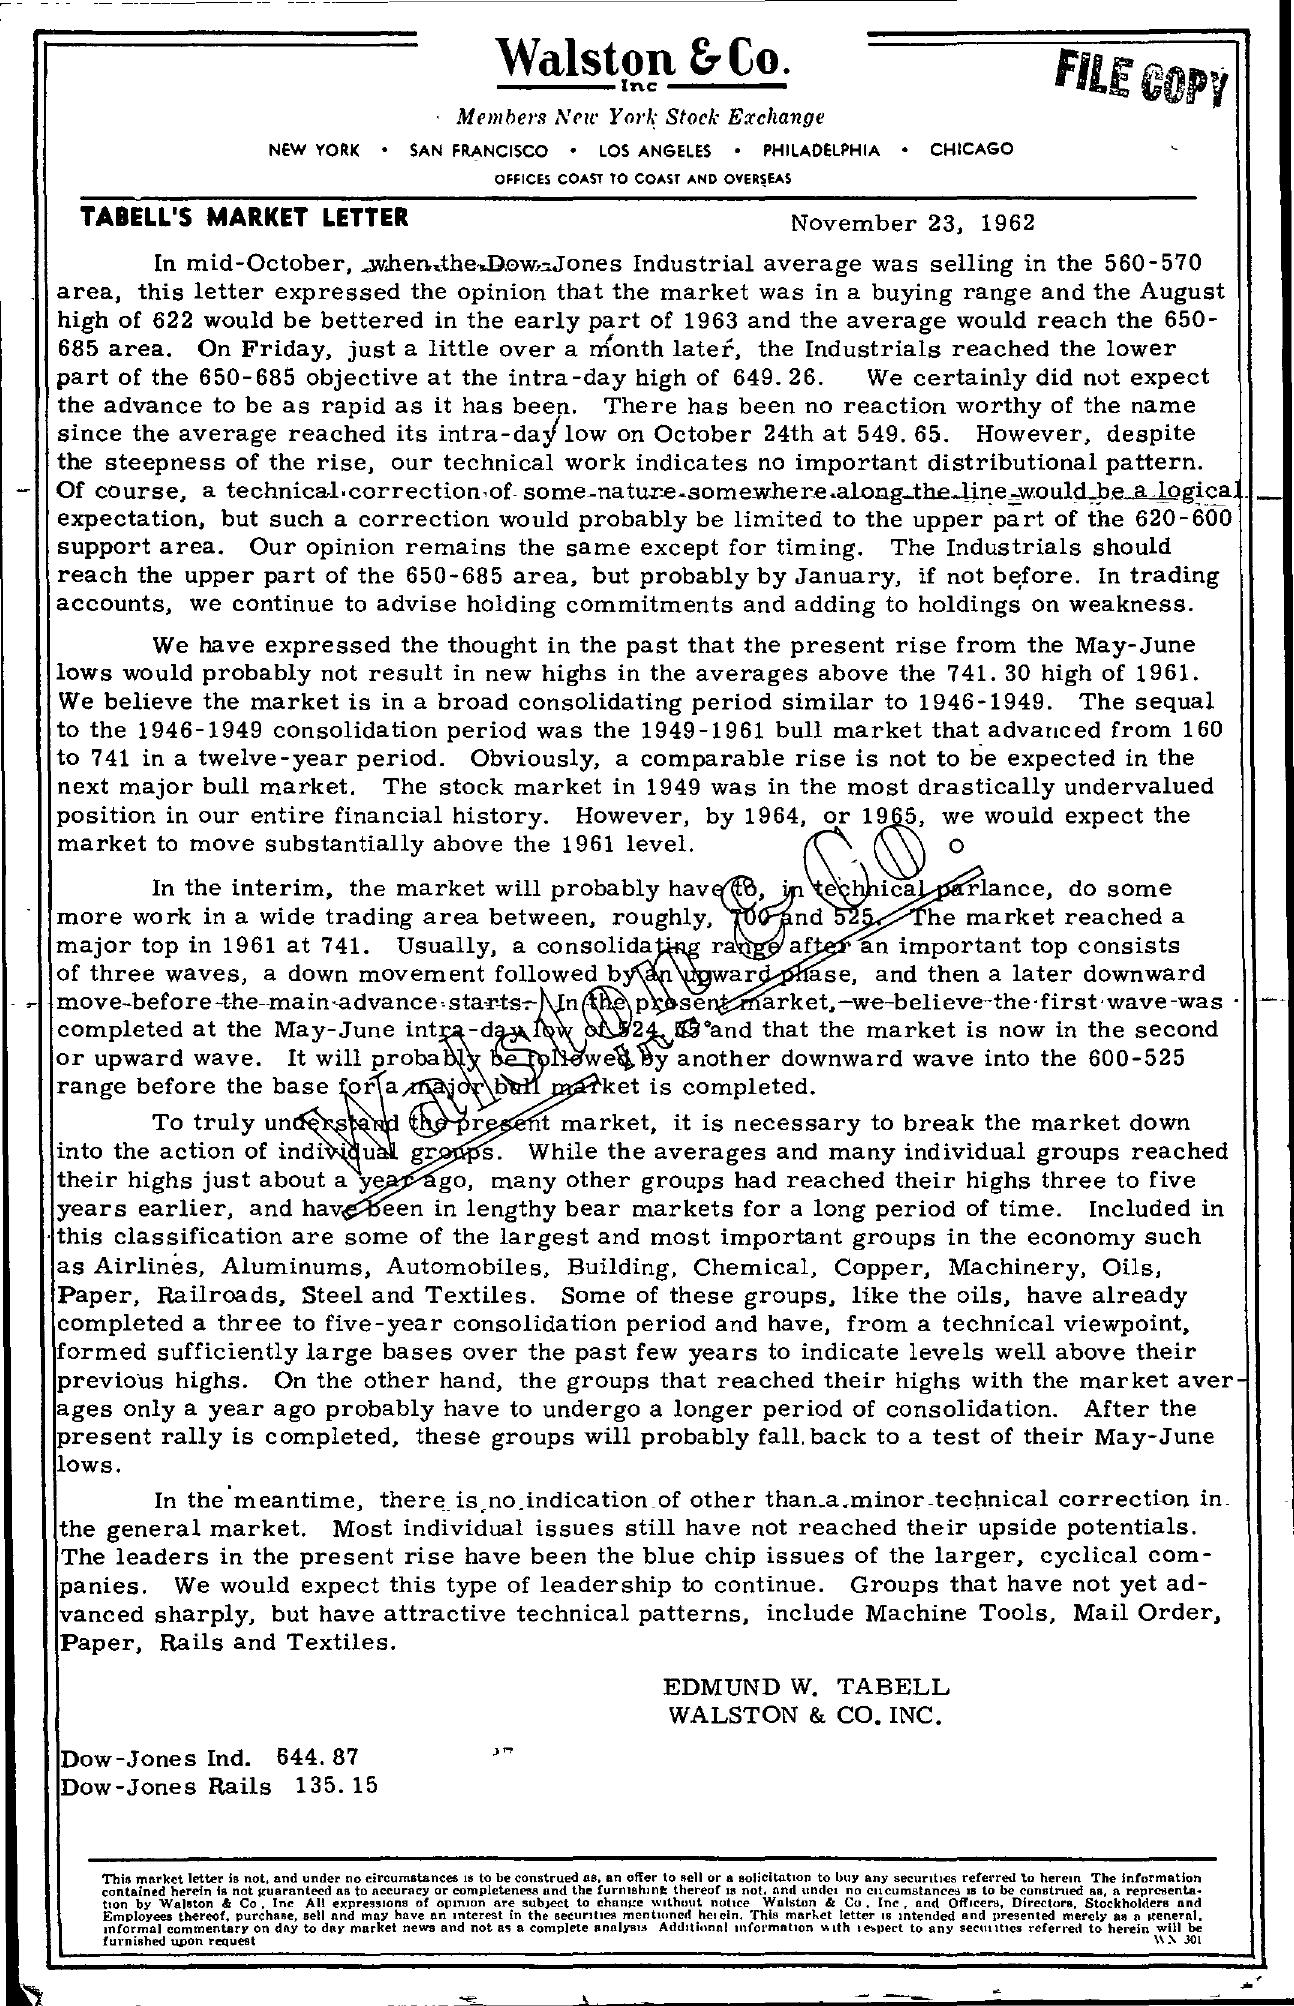 Tabell's Market Letter - November 23, 1962